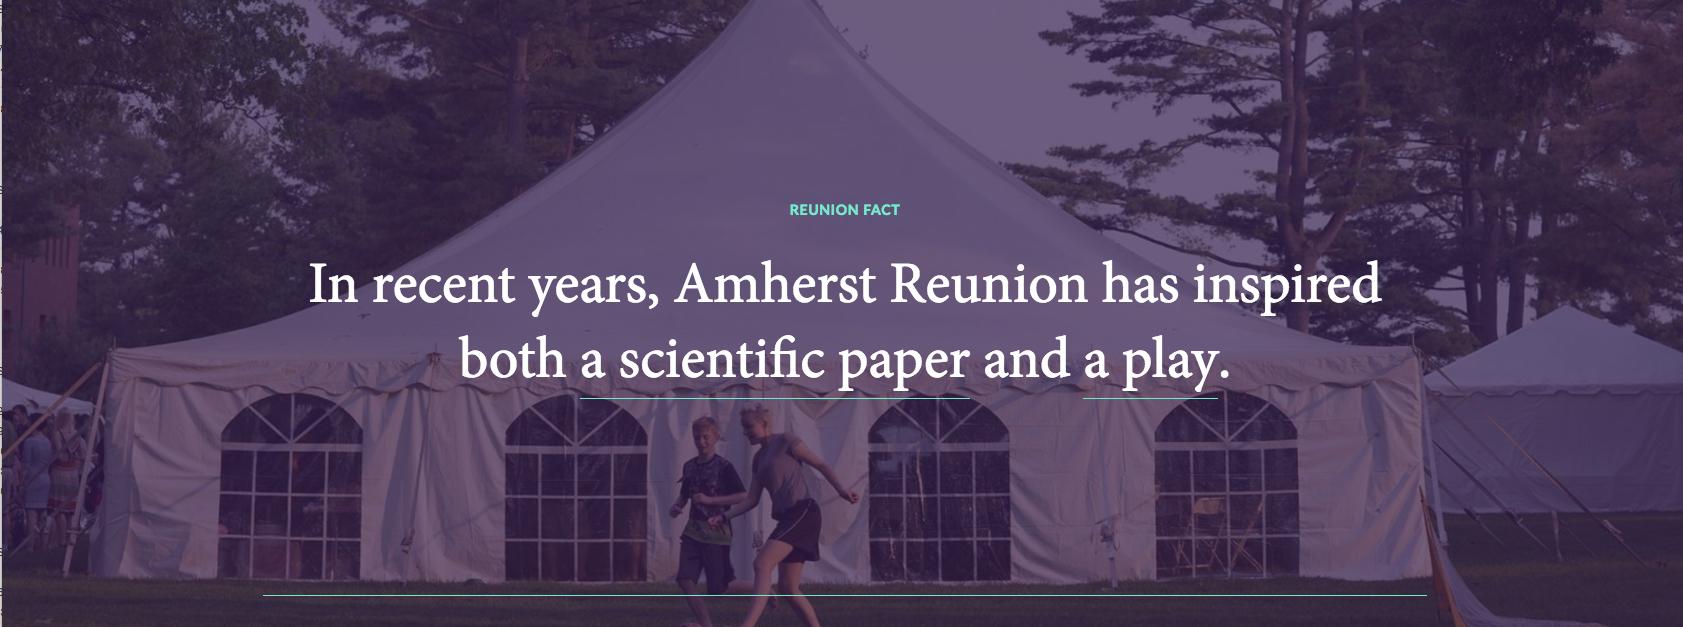 Reunion Fact